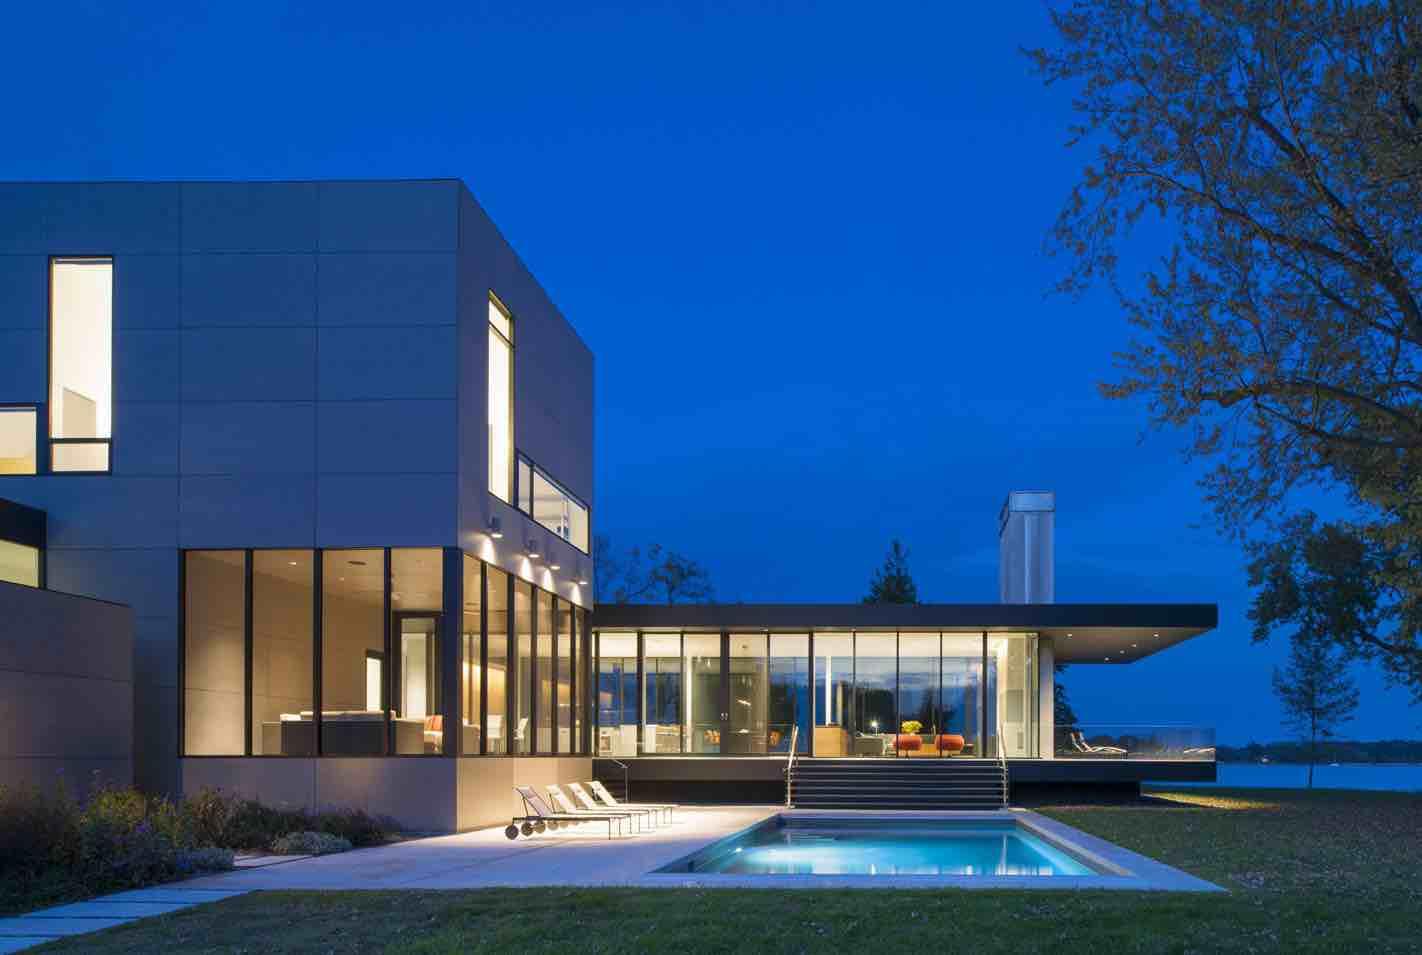 tred-avon-river-house-robert-m-gurney-architect_mackenzie-gurney-guttmanresidence-18